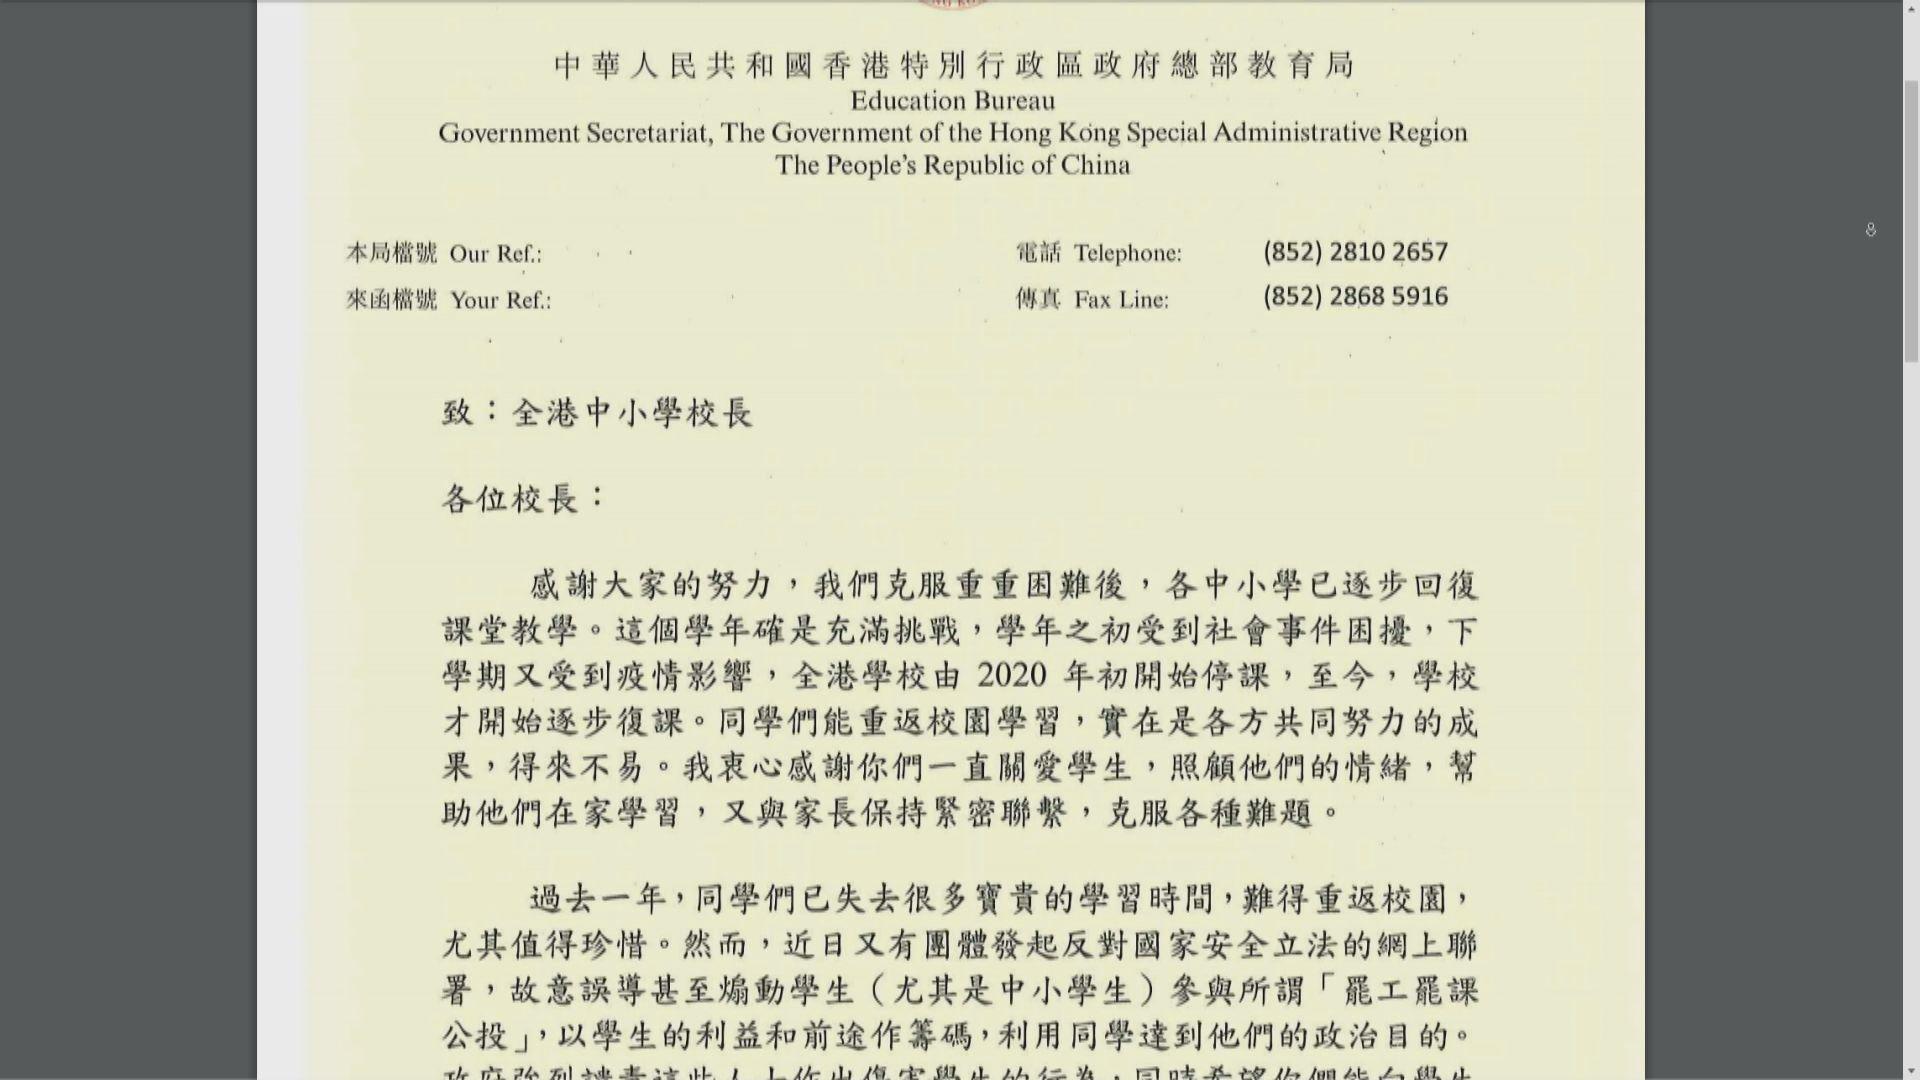 楊潤雄:教師罷課會嚴肅跟進 學校不應成表達政治訴求場地